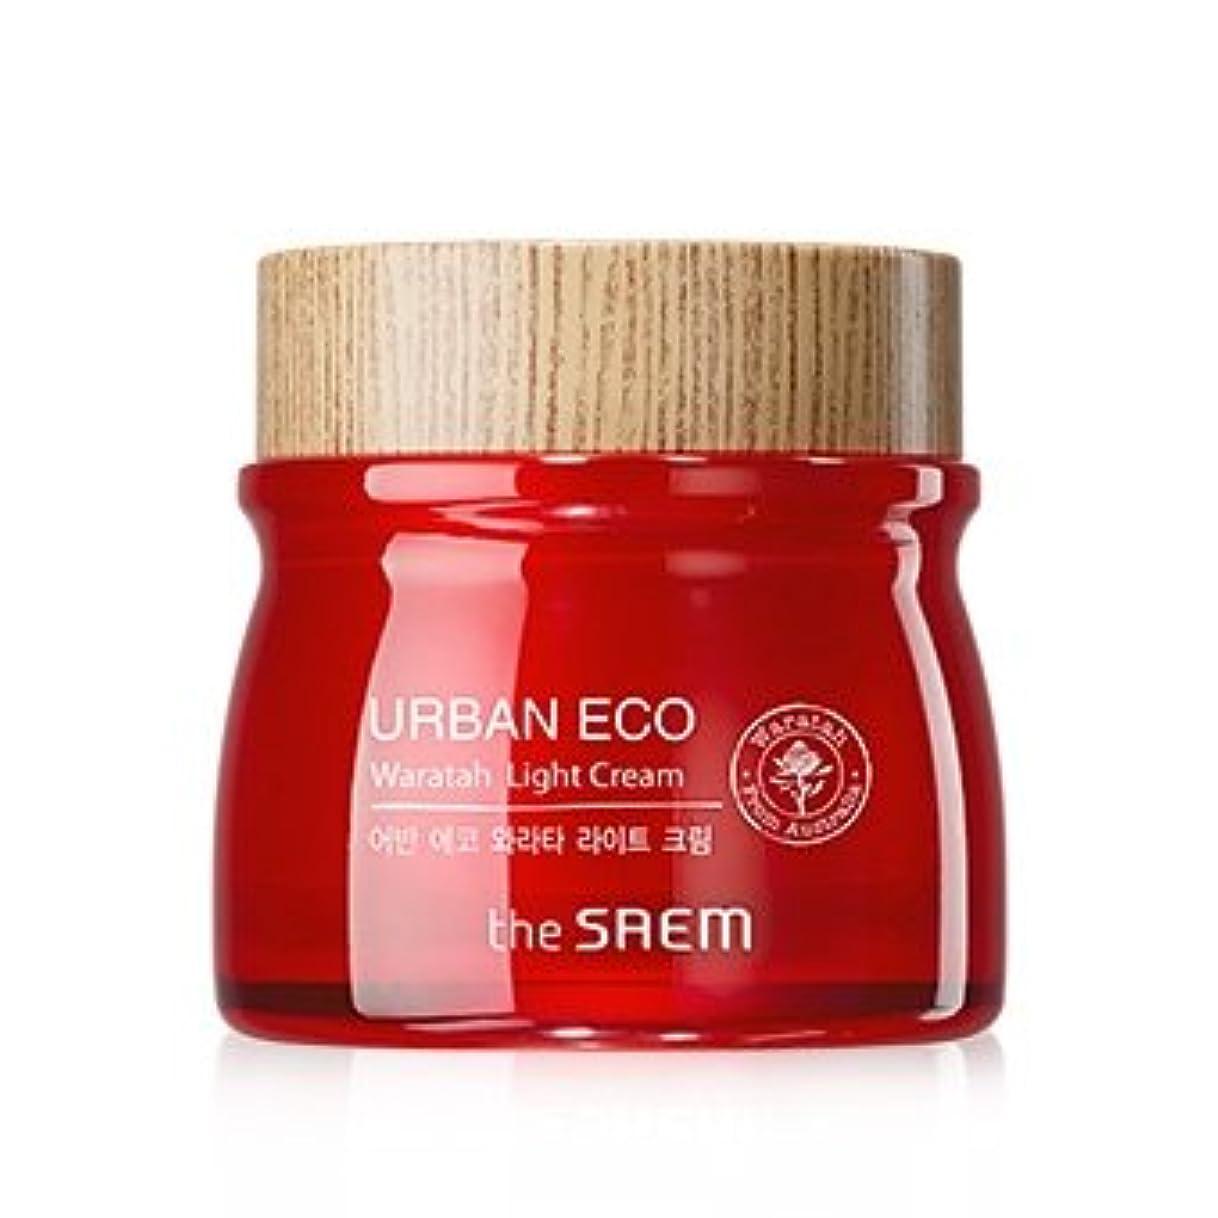 リフレッシュ物思いにふける逆さまにThe Saem Urban Eco Waratah Light Cream 60ml ドセム アーバンエコワラターライトクリーム60ml[並行輸入品]